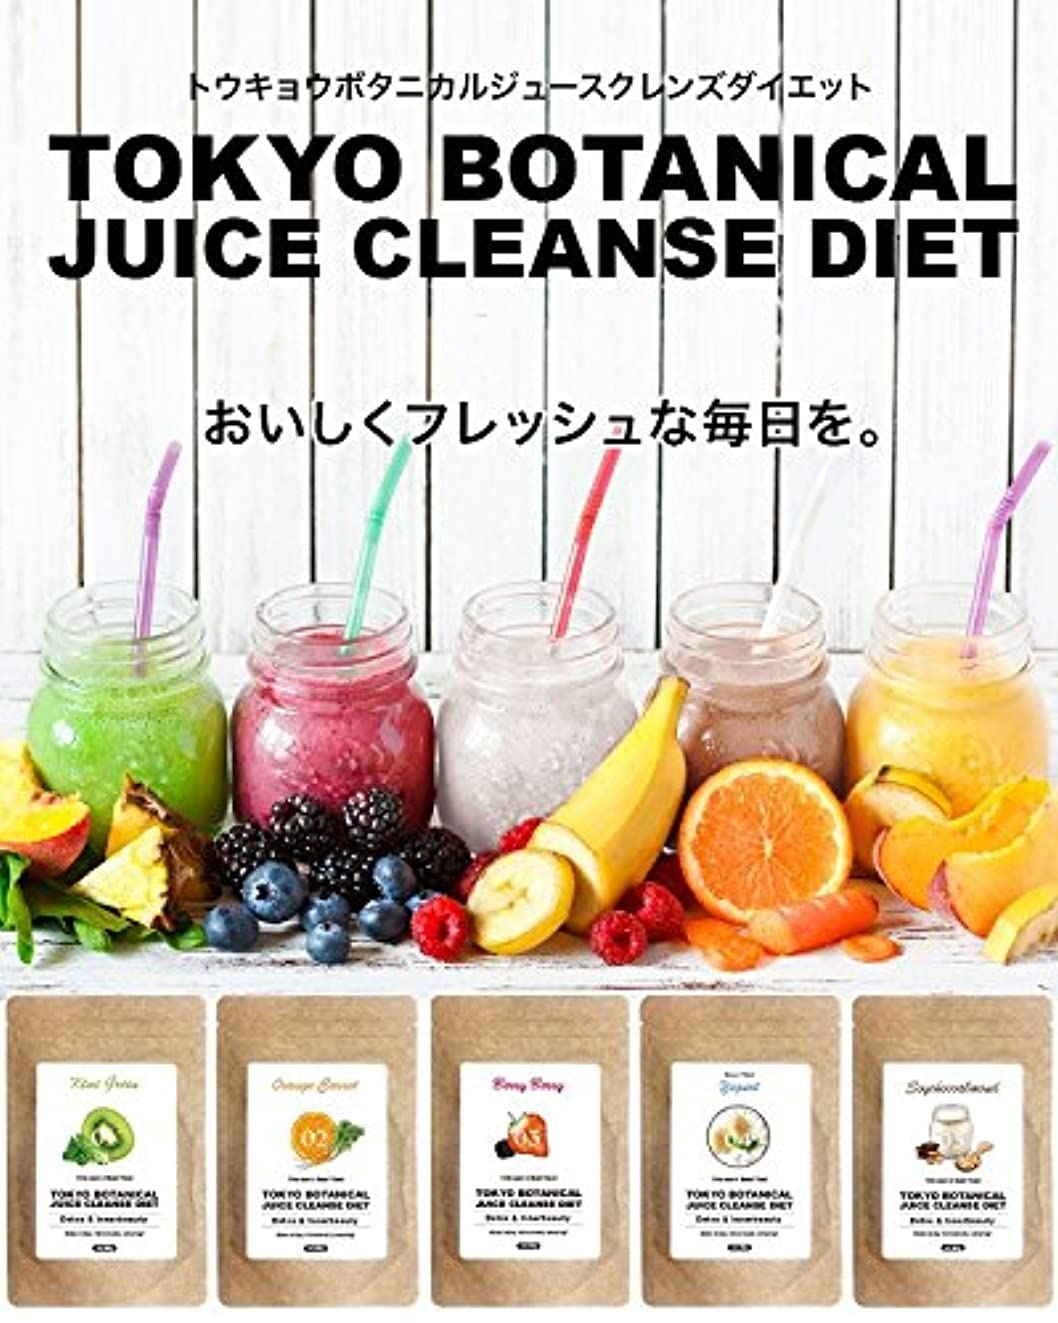 チョークアーティファクト派生する東京ボタニカルジュースクレンズダイエット  オレンジキャロット&ヨーグルトセット